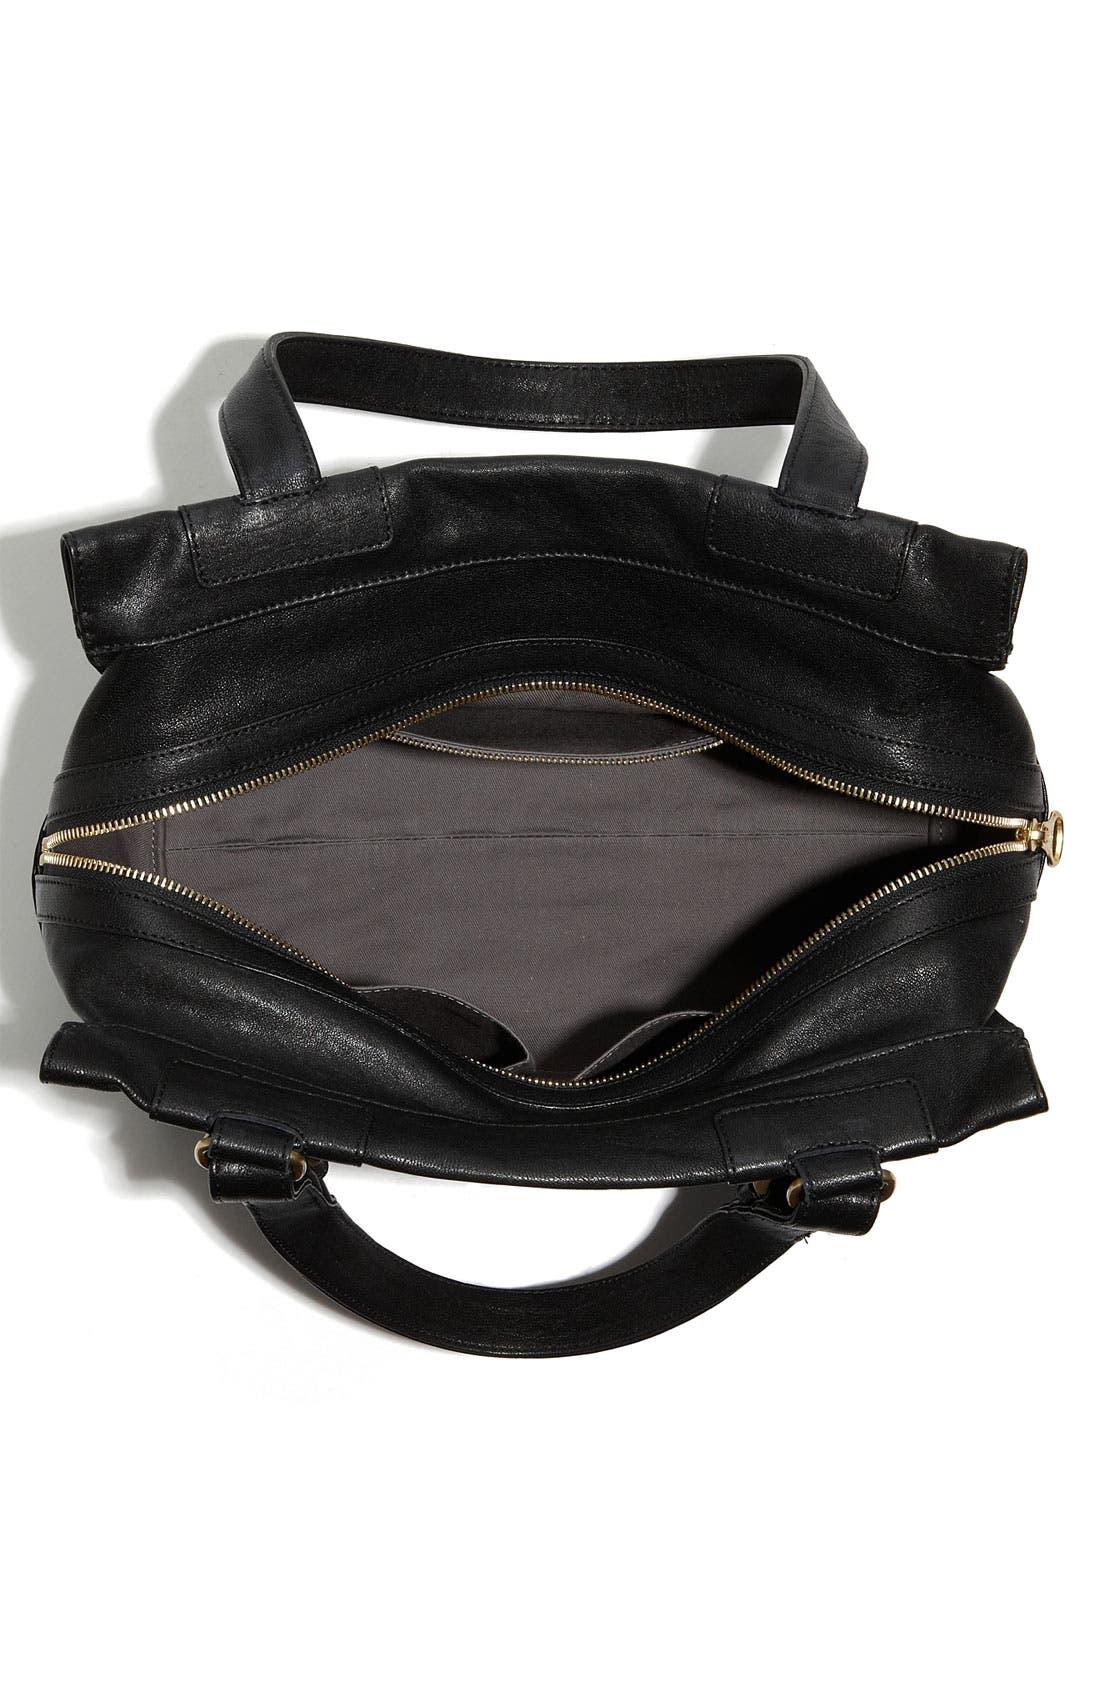 Alternate Image 3  - See By Chloé 'Poya Vintage - Medium' Leather Shoulder Bag